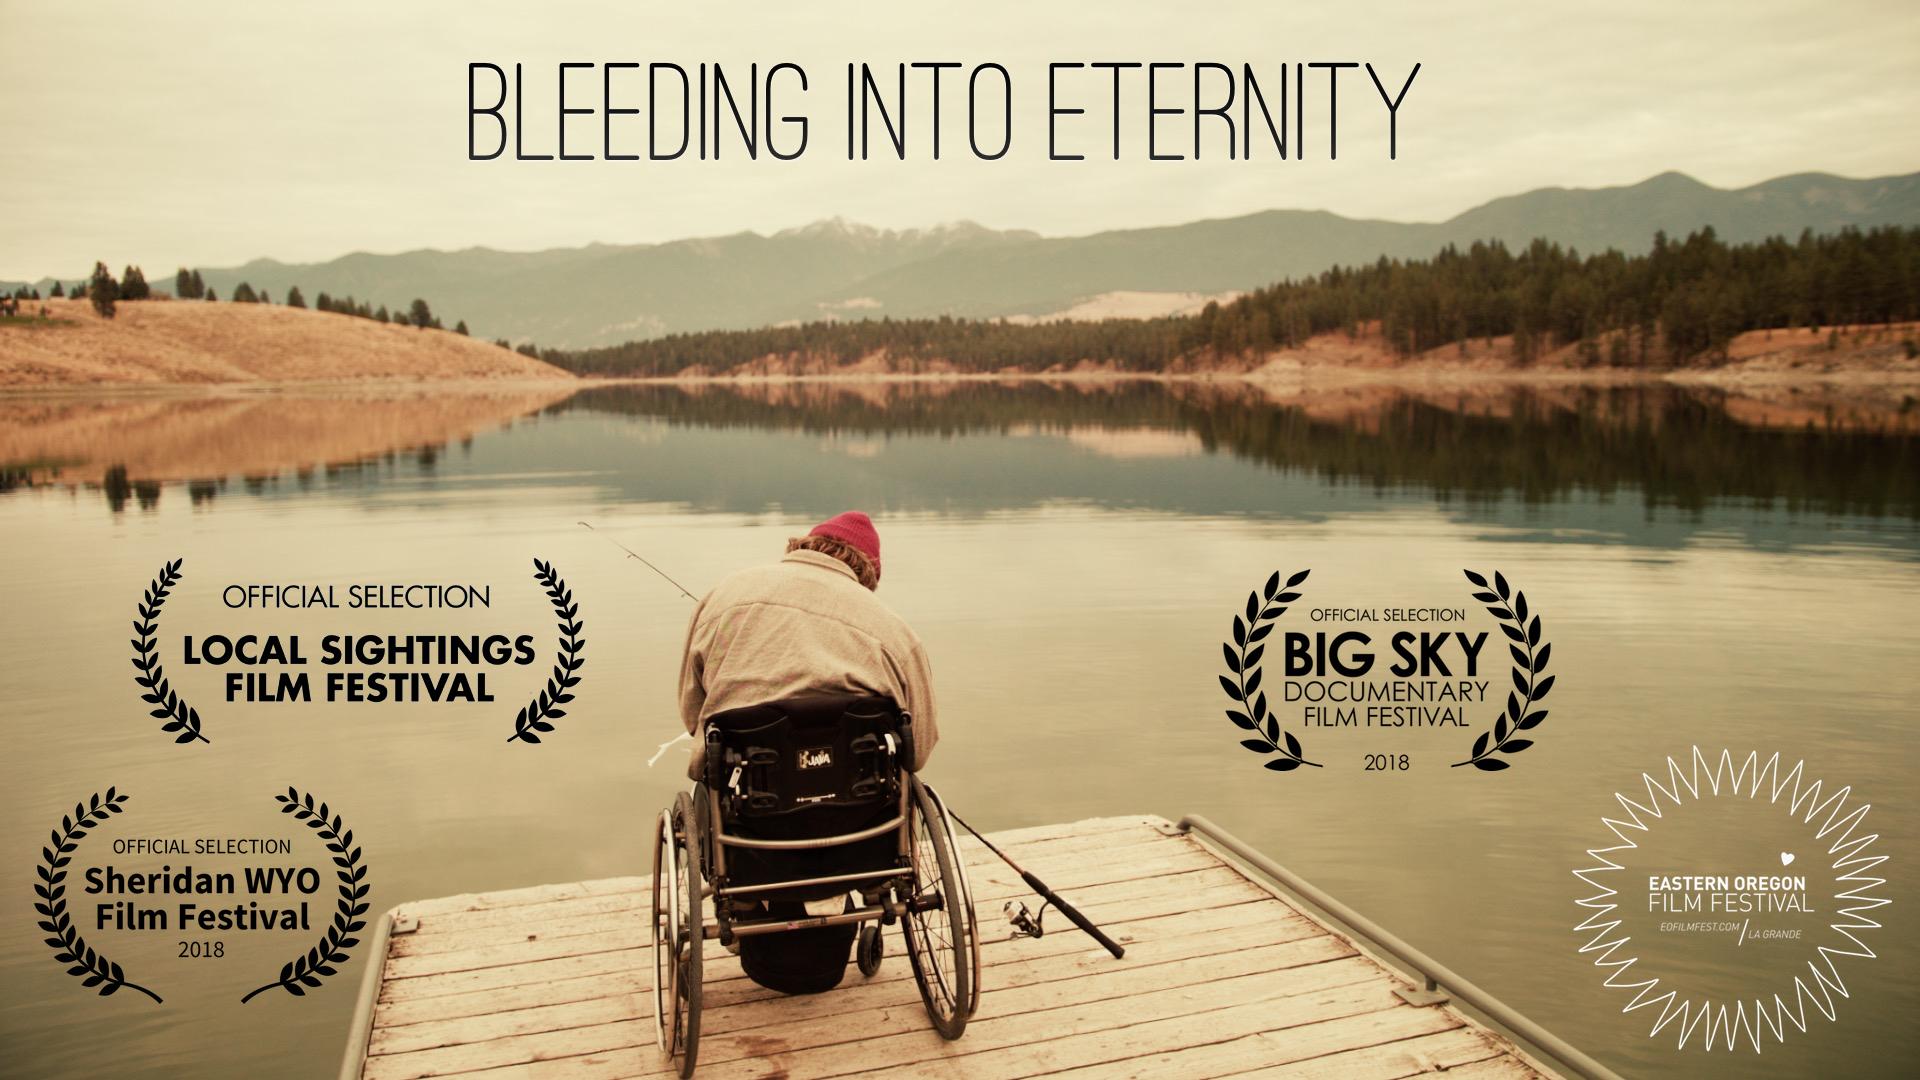 Bleeding Into Eternity poster.jpg